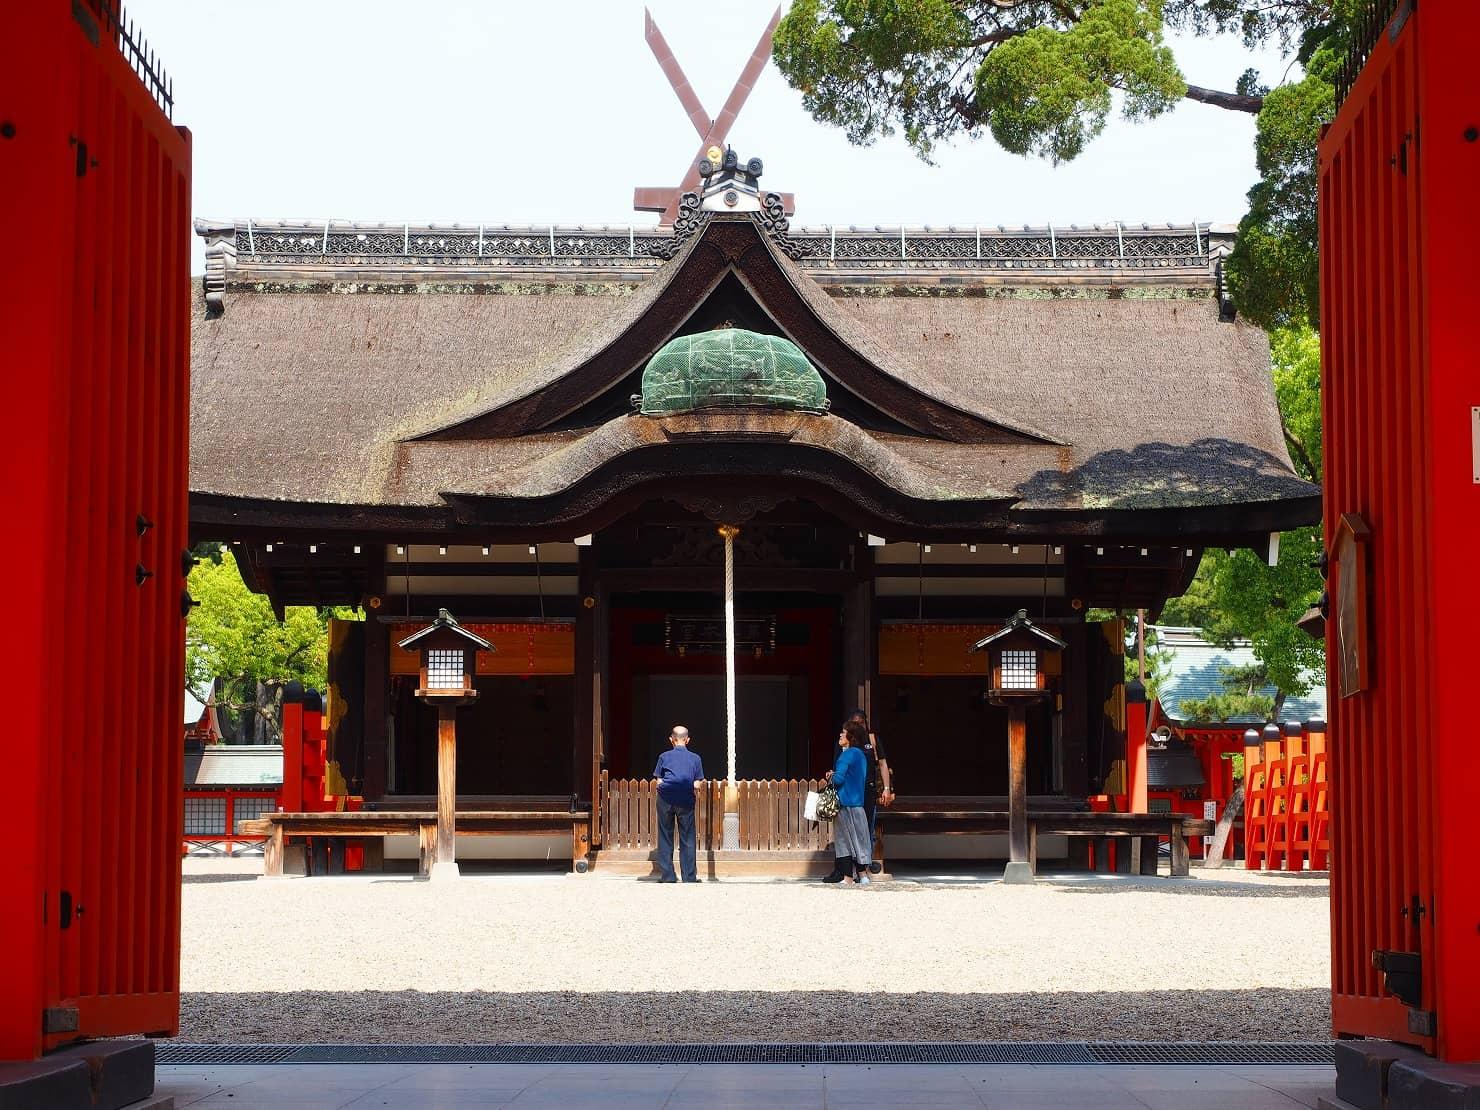 大阪で有名な子宝神社、子授け寺はどこ? 人気ランキング形式で紹介